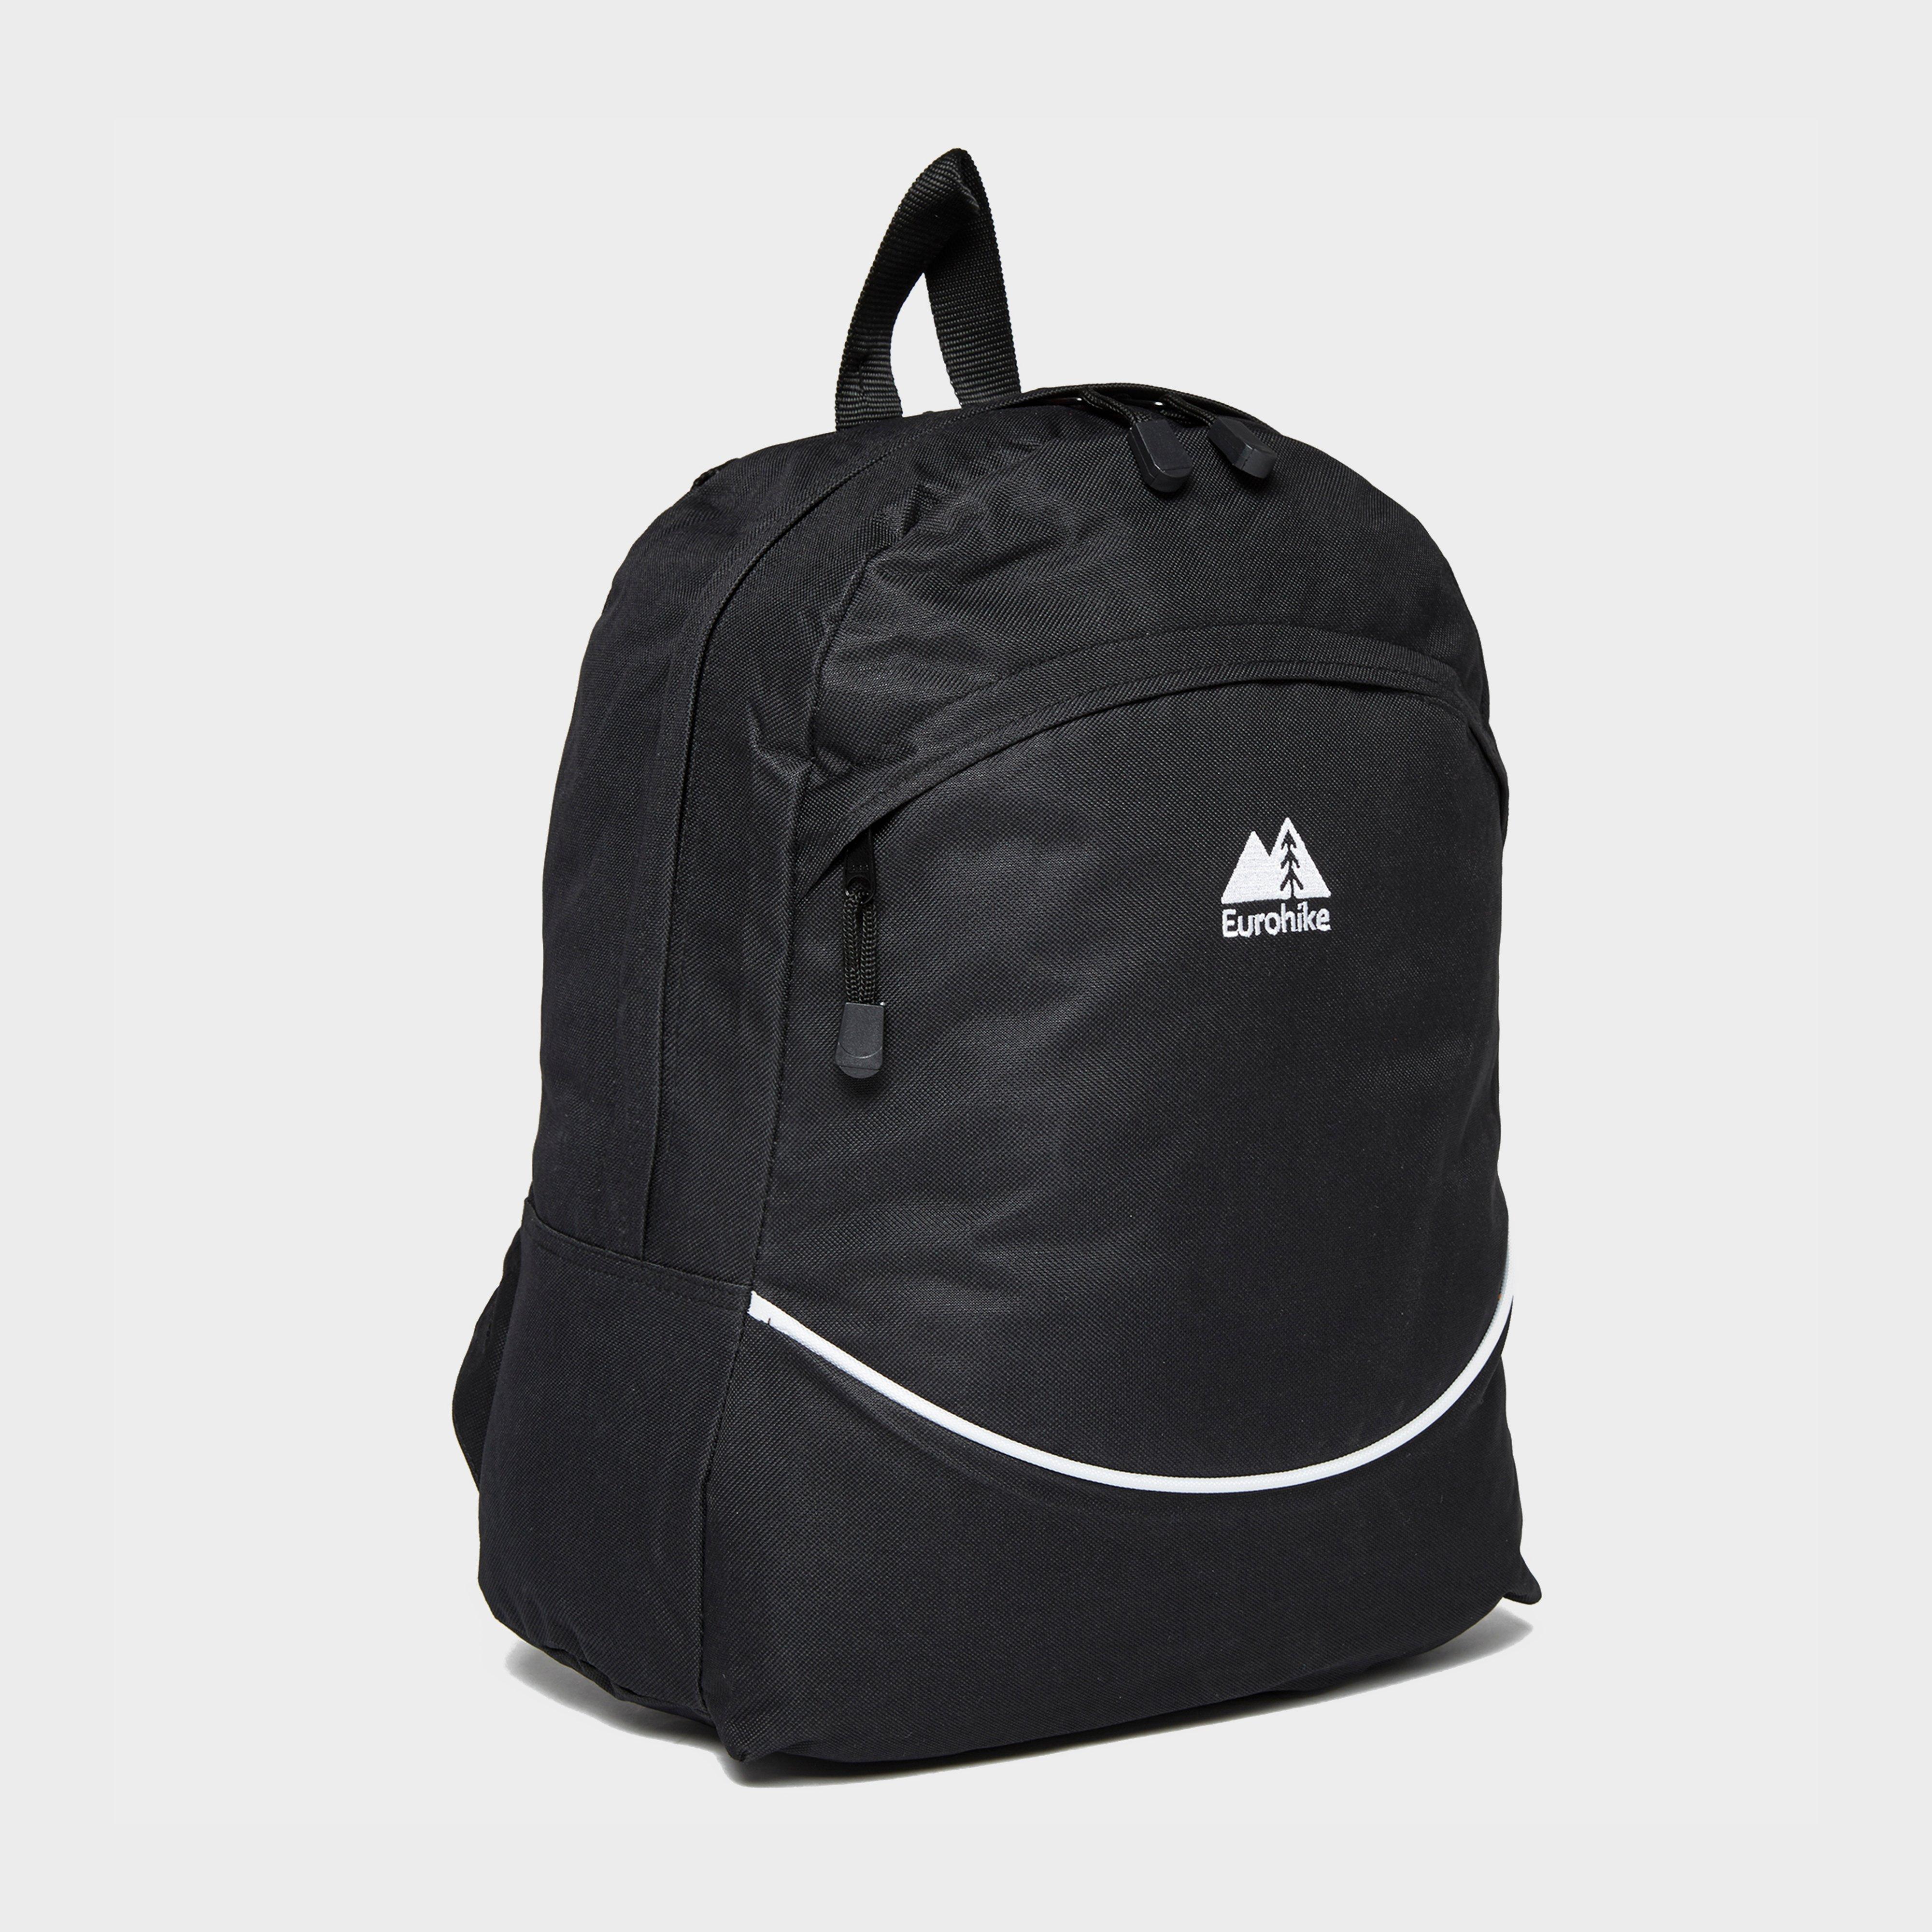 Eurohike Essential 20L Backpack, Black